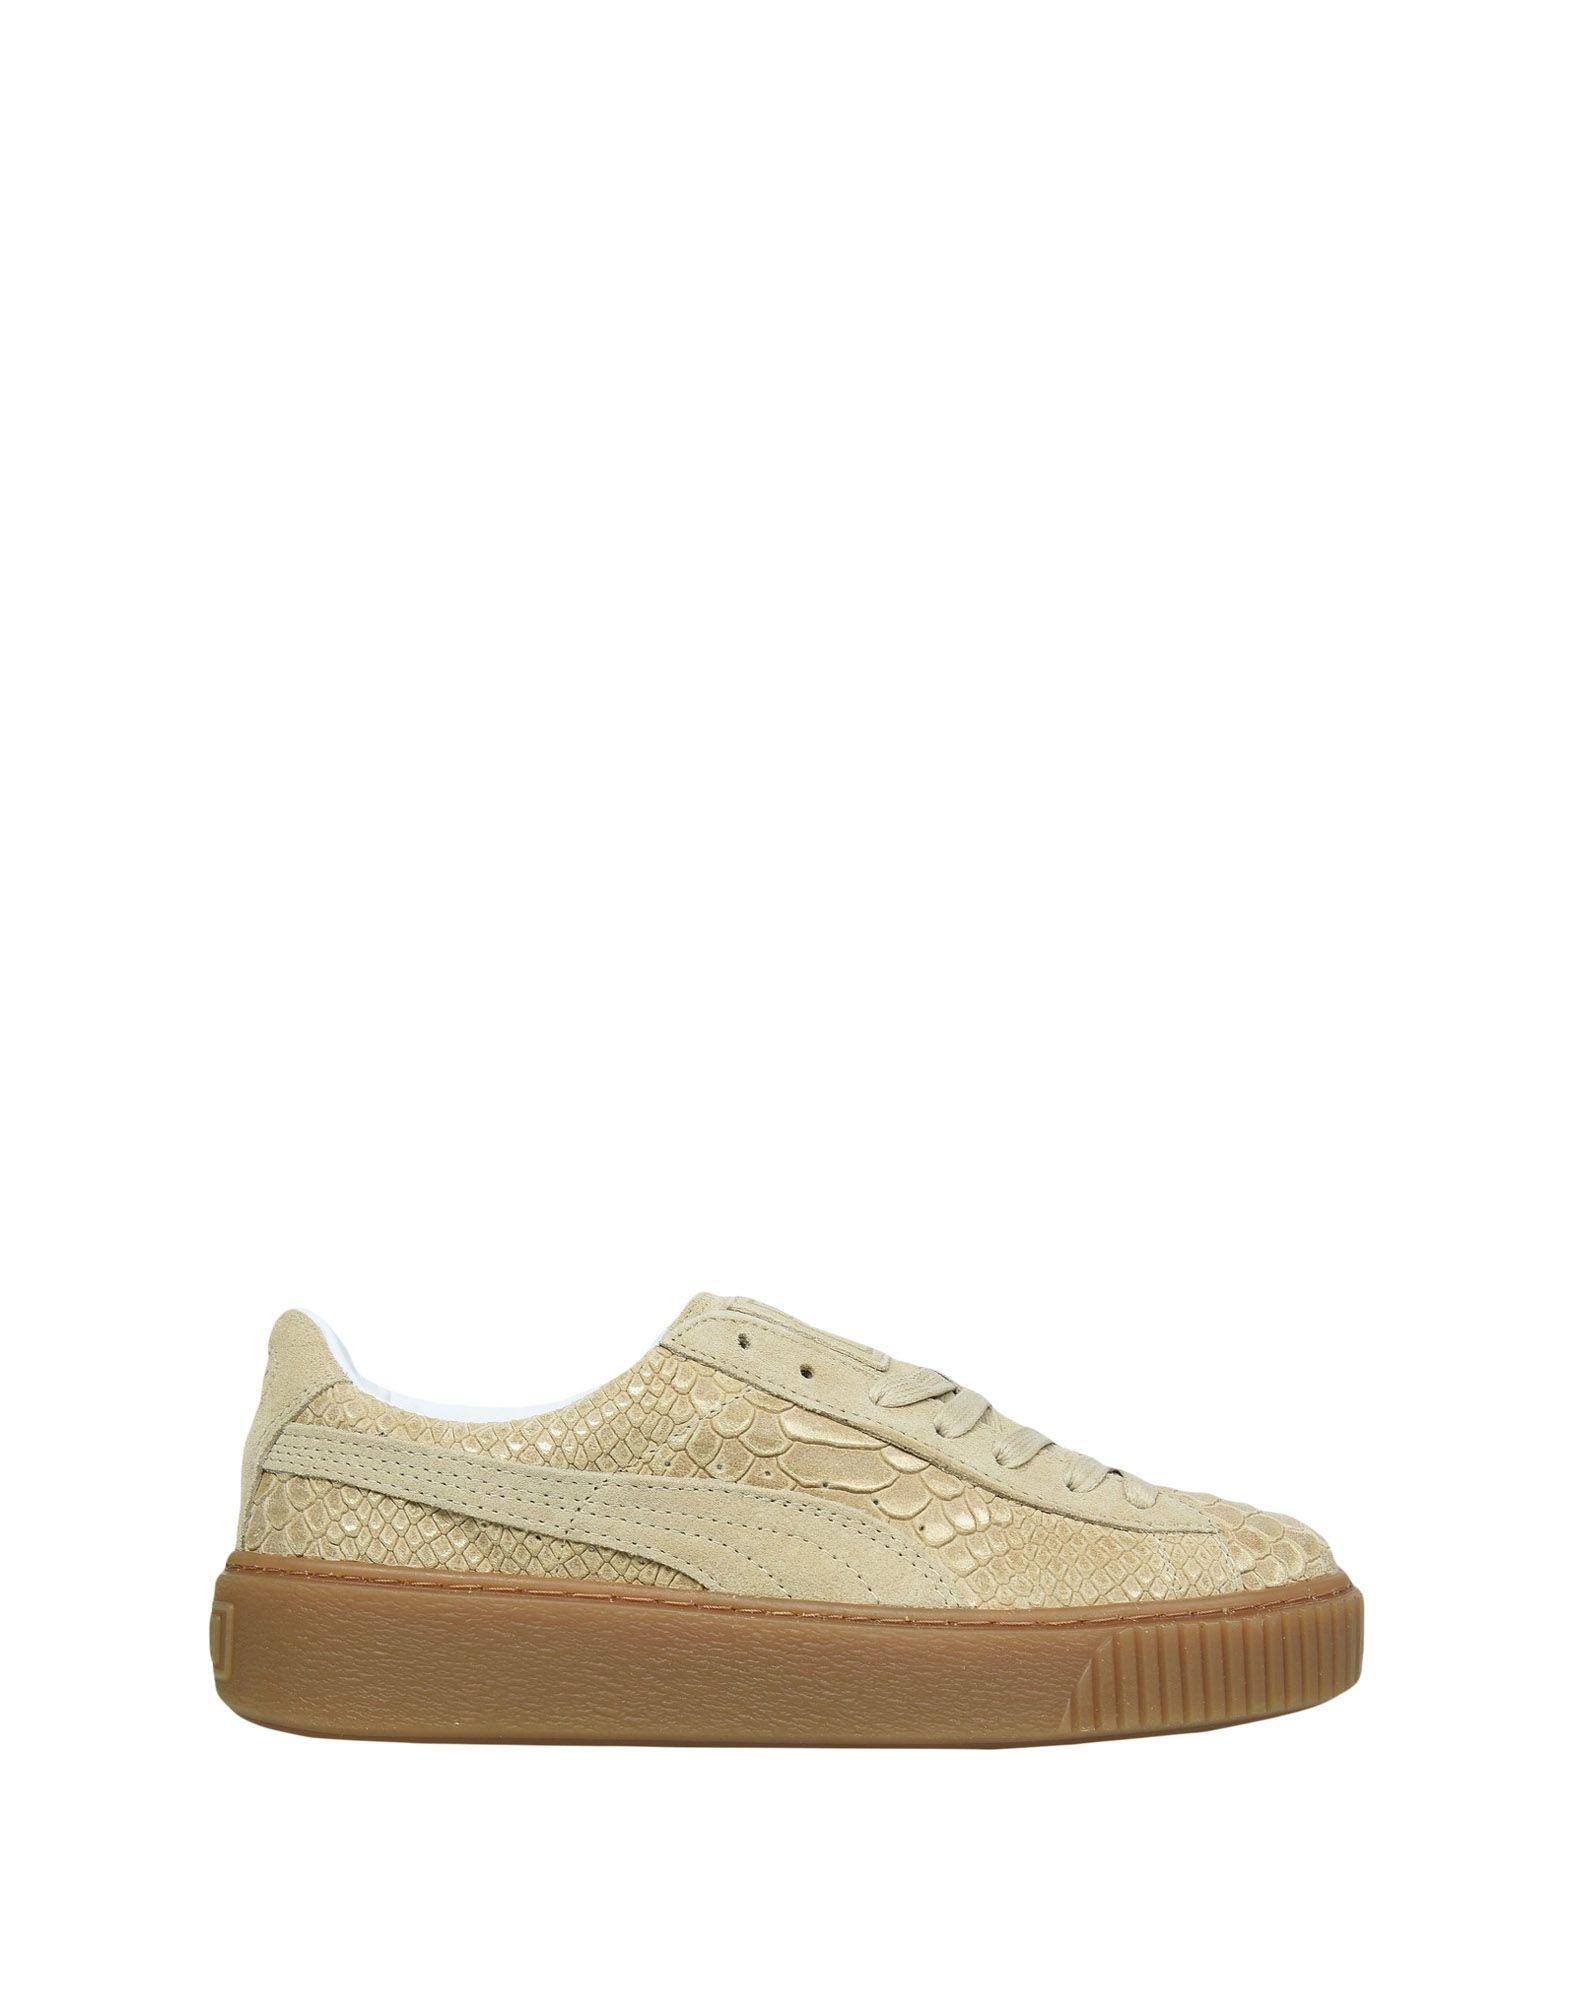 Puma Platform Exotic Skin Skin Exotic  11211757WO Gute Qualität beliebte Schuhe 01482c